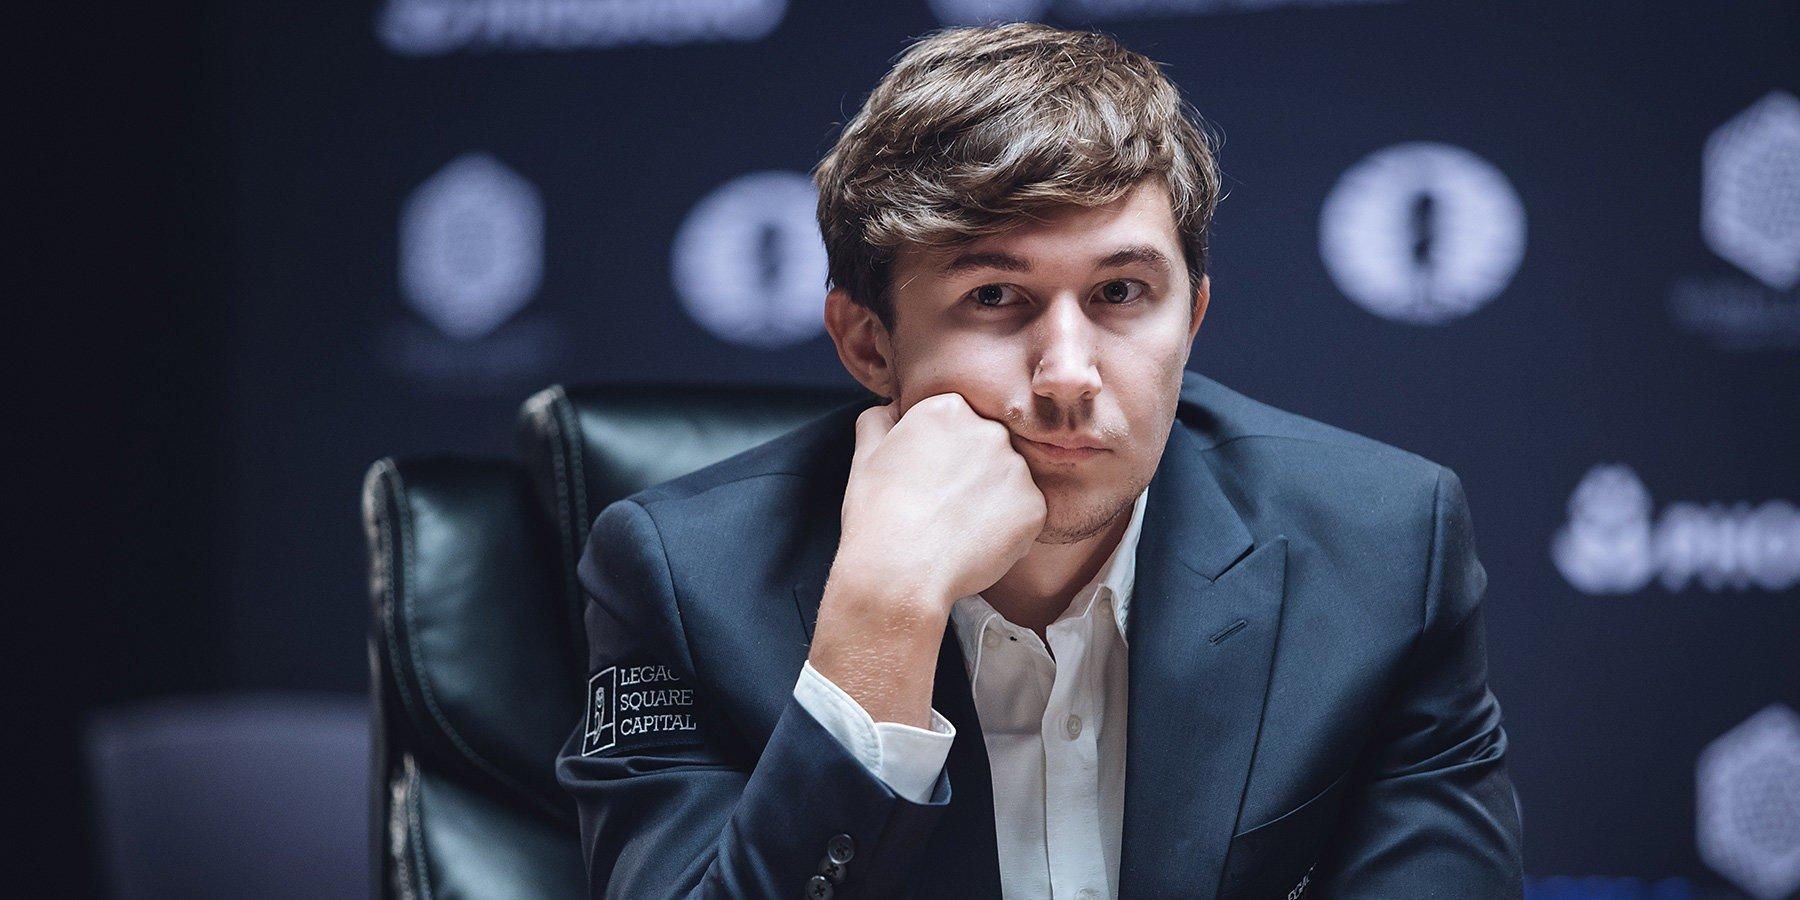 Комментаторы Dota 2 начали шутить над шахматистом Карякиным